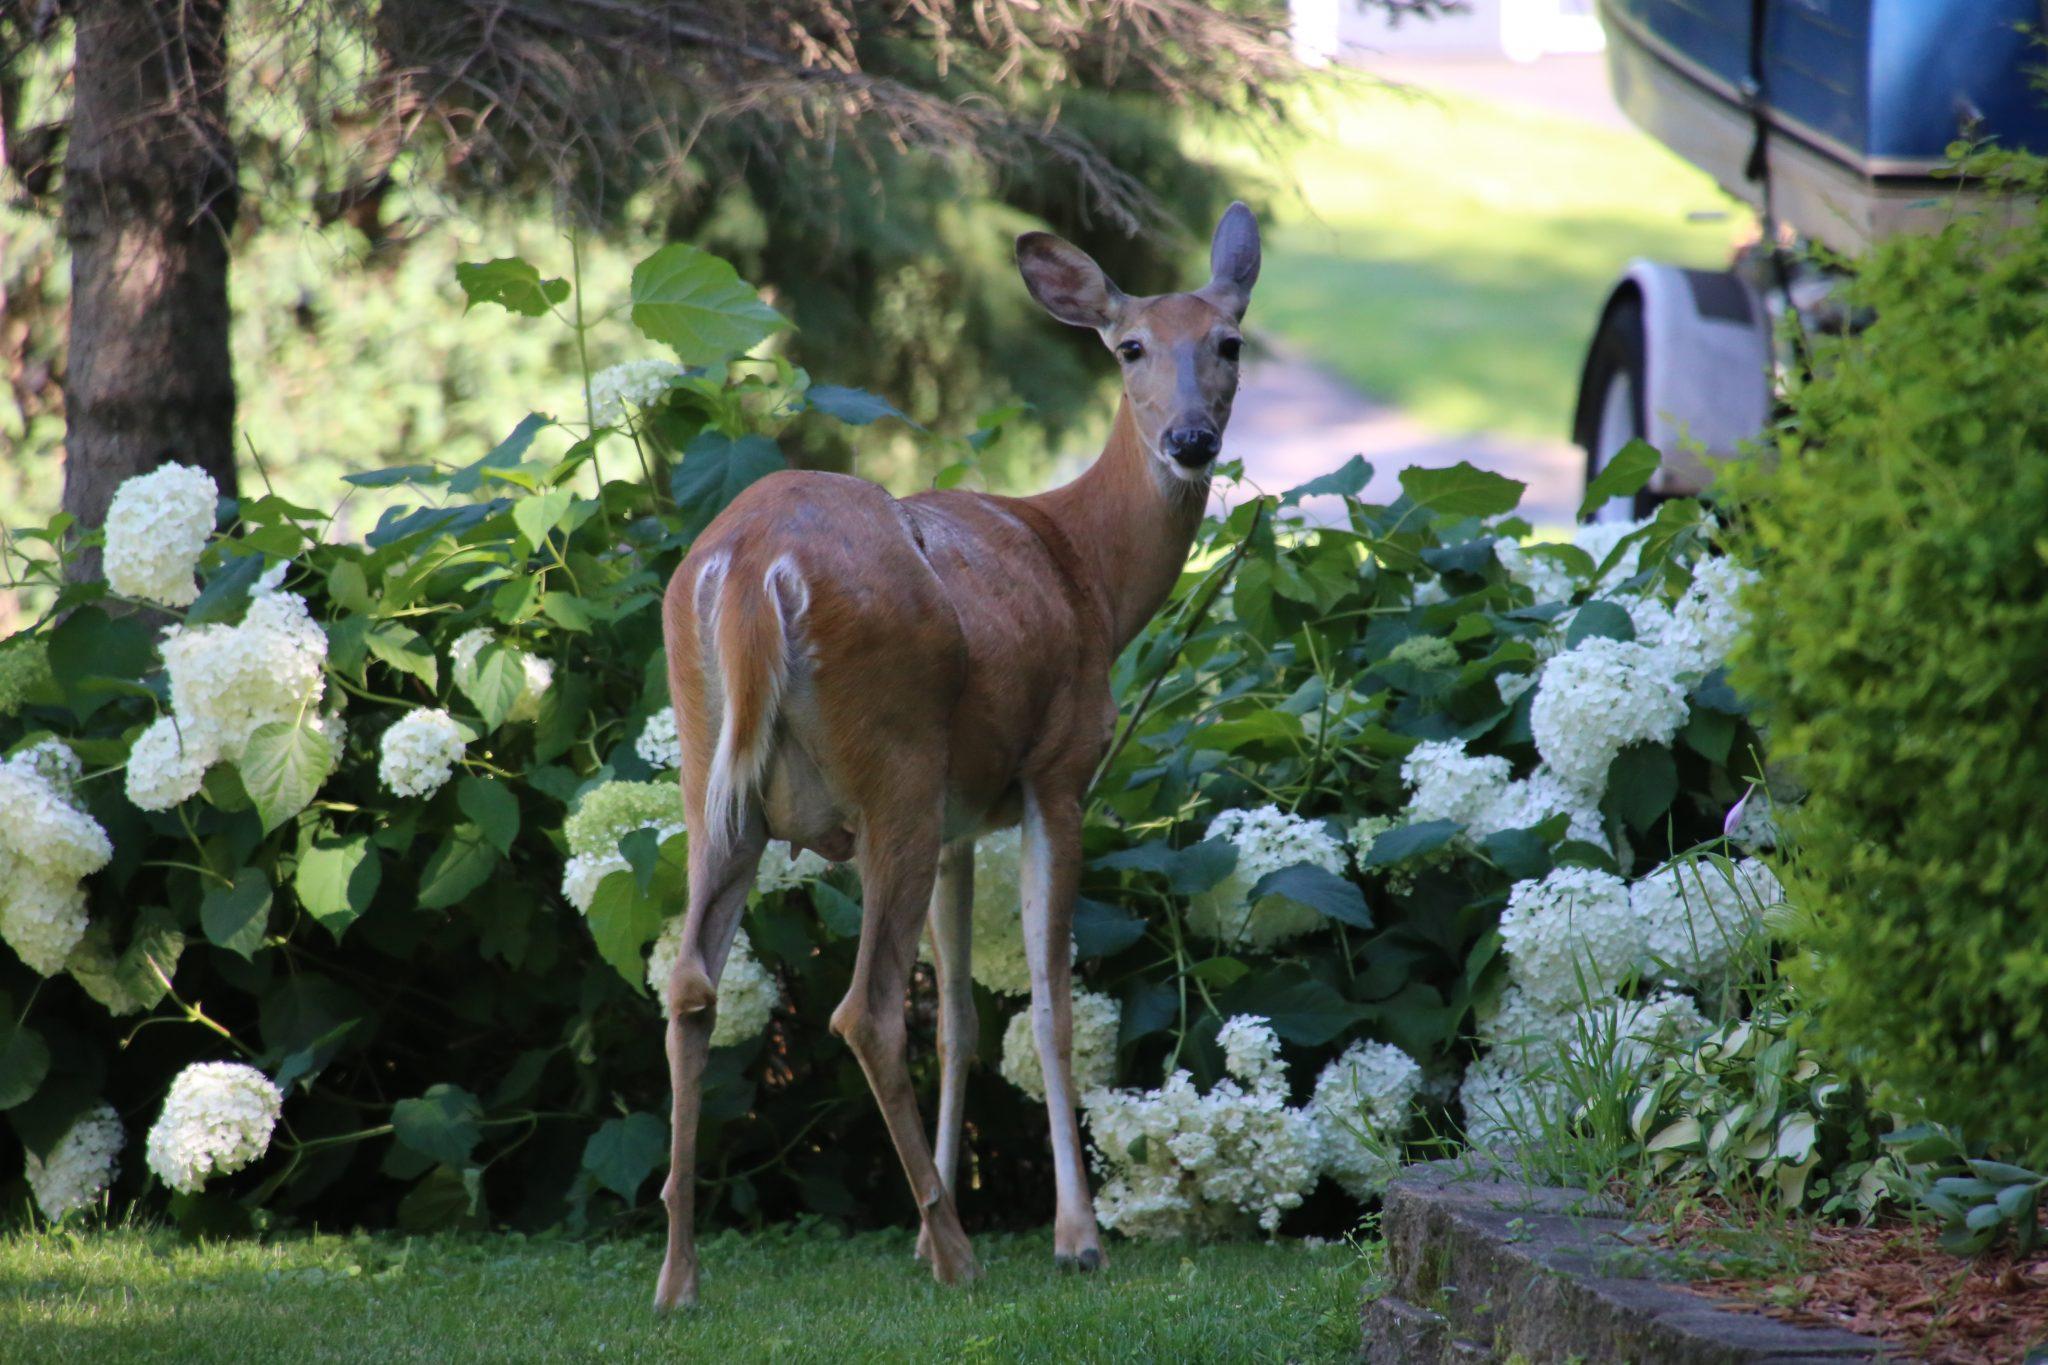 Deer in a backyard